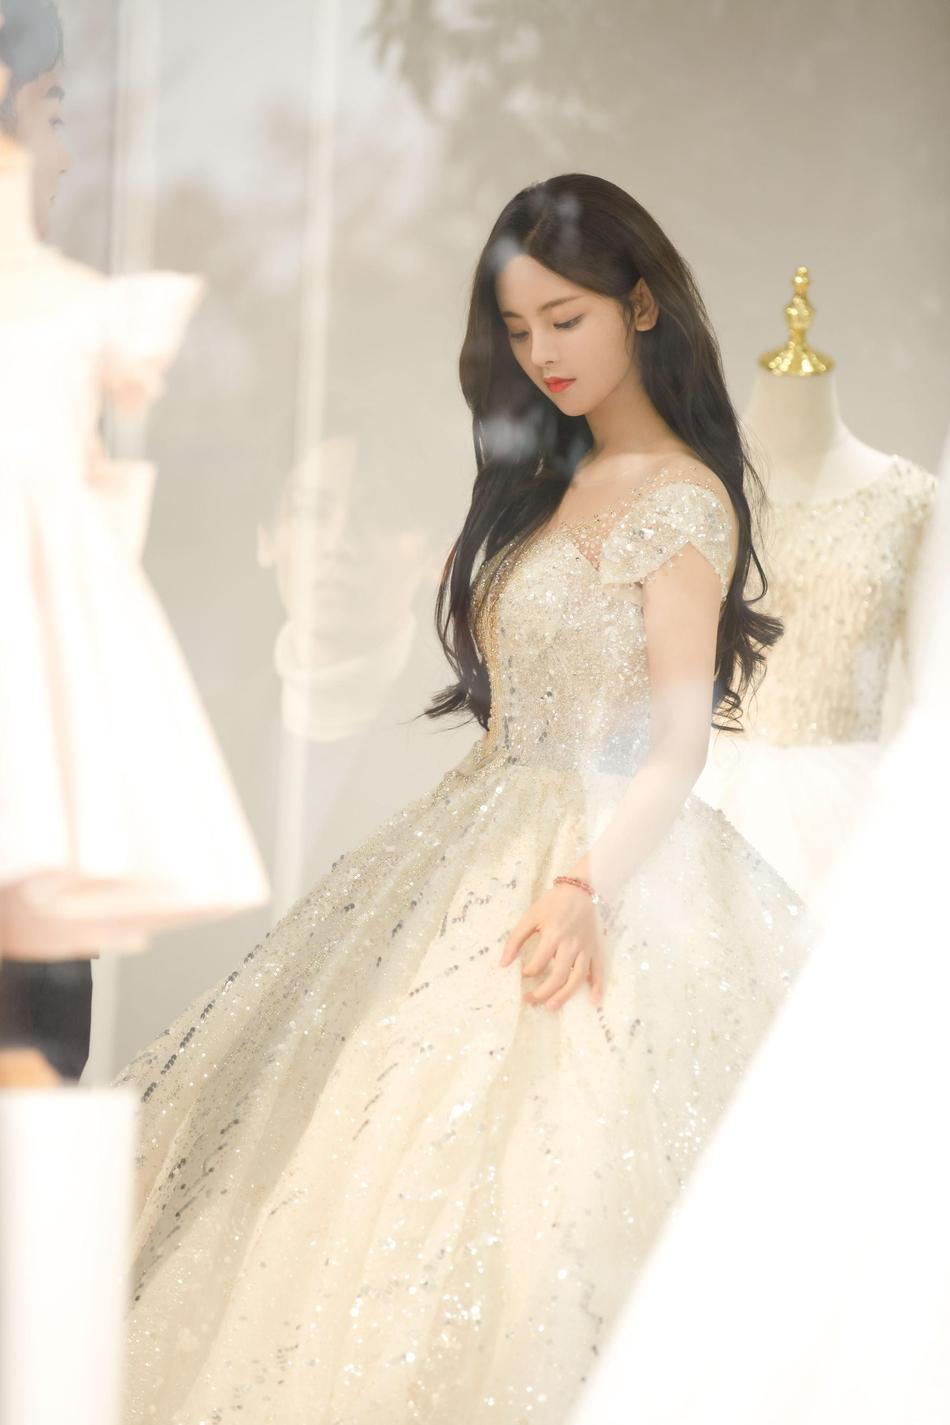 组图:杨超越尝试婚纱造型碎钻裙梦幻 长卷发披肩温柔恬静